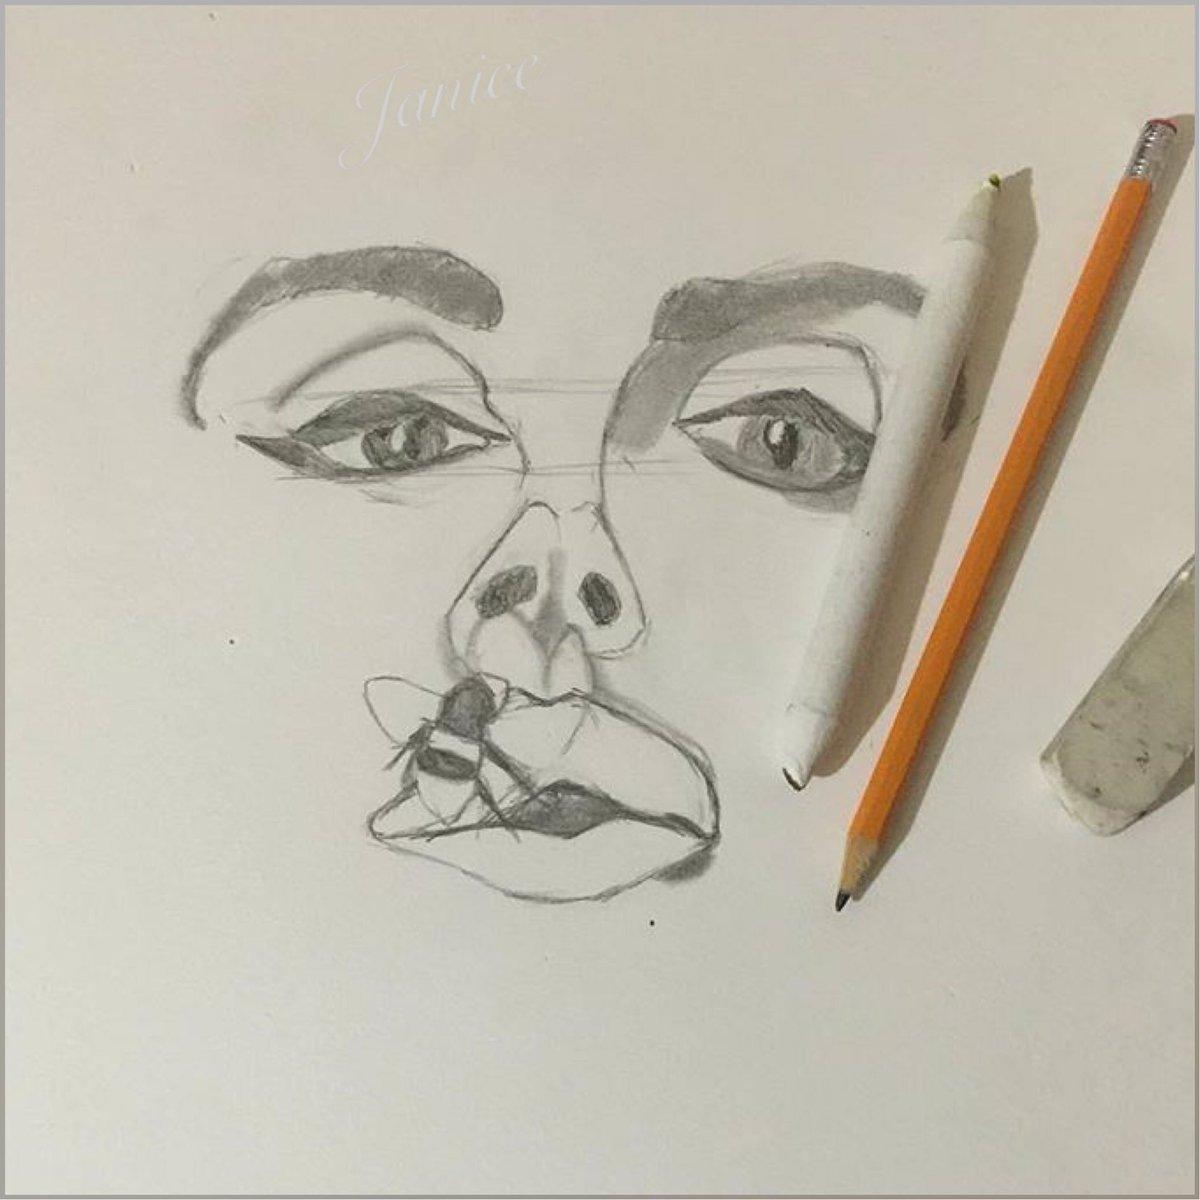 Phyllis Del Rey On Twitter Lanadelrey Hope You Like My Drawing Of You It Took Me A Week Lol Hardwork Art Deco Artist Sketch